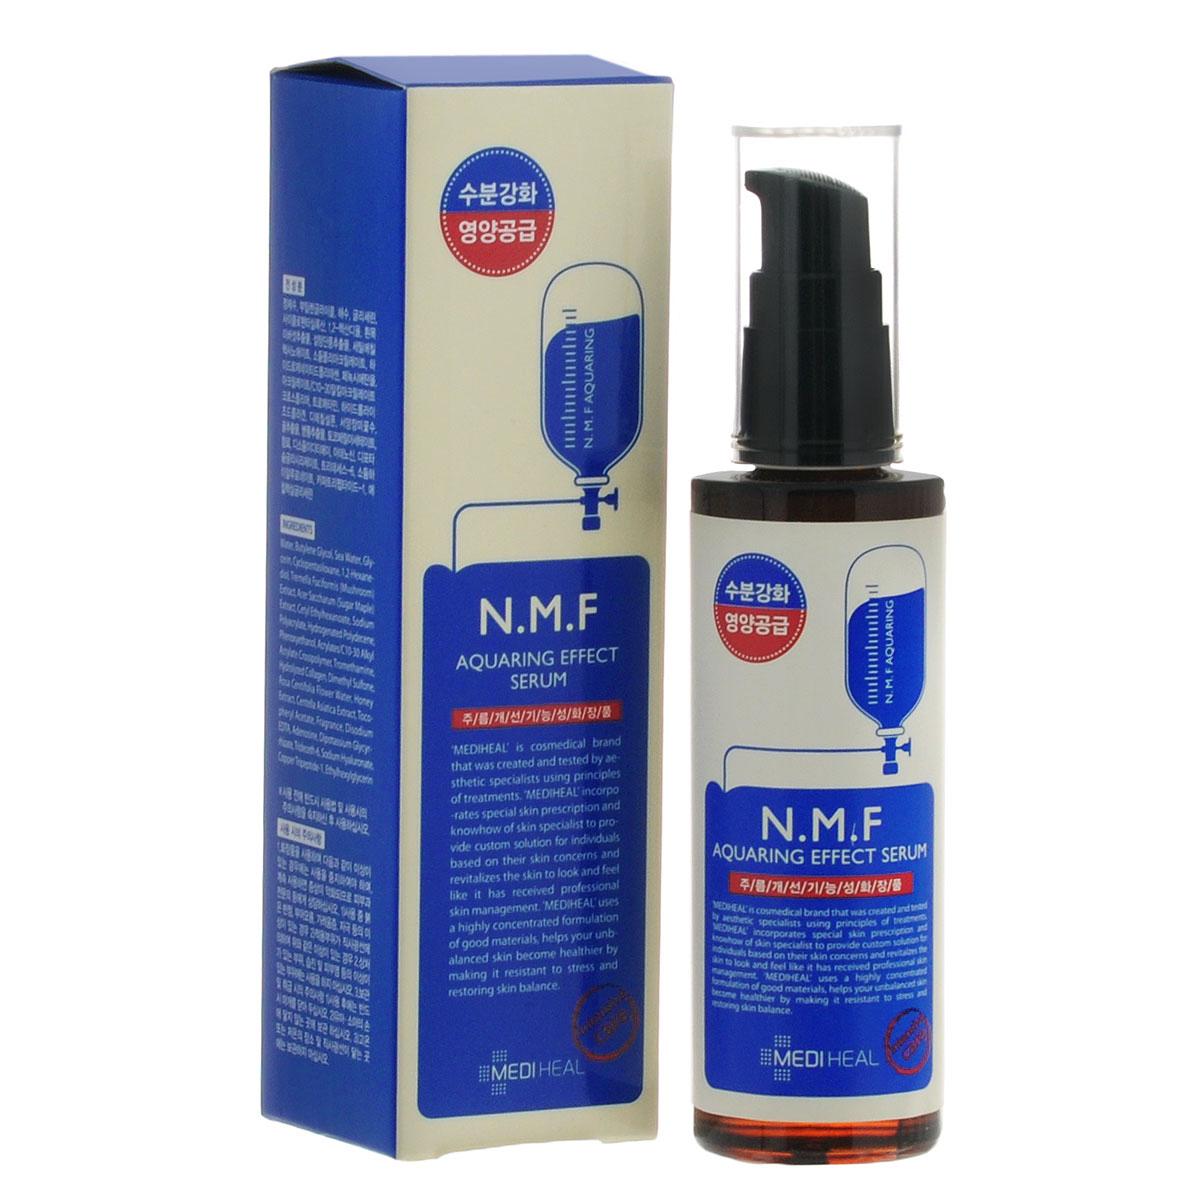 Beauty Clinic Сыворотка для лица Aquaring Effect, с N.M.F., увлажняющая, 50 млFTR22745Сыворотка содержит N.M.F. и другие активные увлажняющие и подтягивающие компоненты, такие как глубинная морская вода, гиалуроновая кислота, экстракты древесного гриба, сахарного клена, меда, центеллы азиатской. Интенсивно увлажняет, подтягивает и питает кожу, придает ей свежий вид. Способствует разглаживанию морщин.NMF (натуральный увлажняющий фактор) - это сложный комплекс молекул в роговом слое кожи, который способен притягивать и удерживать влагу, обеспечивать упругость и плотность рогового слоя кожи. В состав NMF входят низкомолекулярные пептиды, карбамид, пирролидонкарбоновая кислота, аминокислоты и т. д. При недостаточности увлажняющего фактора происходит обезвоживание эпидермиса. Глубинная морская вода содержит большое количество питательных веществ и 70 видов минералов, которые активно увлажняют кожу, придают ей здоровый вид, делают цвет кожи более естественным, выравнивают тон кожи. Экстракт клена сахарного ускоряет процесс обновления клеток, устраняет омертвевшие клетки эпидермиса и делает кожу более гладкой и свежей. Товар сертифицирован.